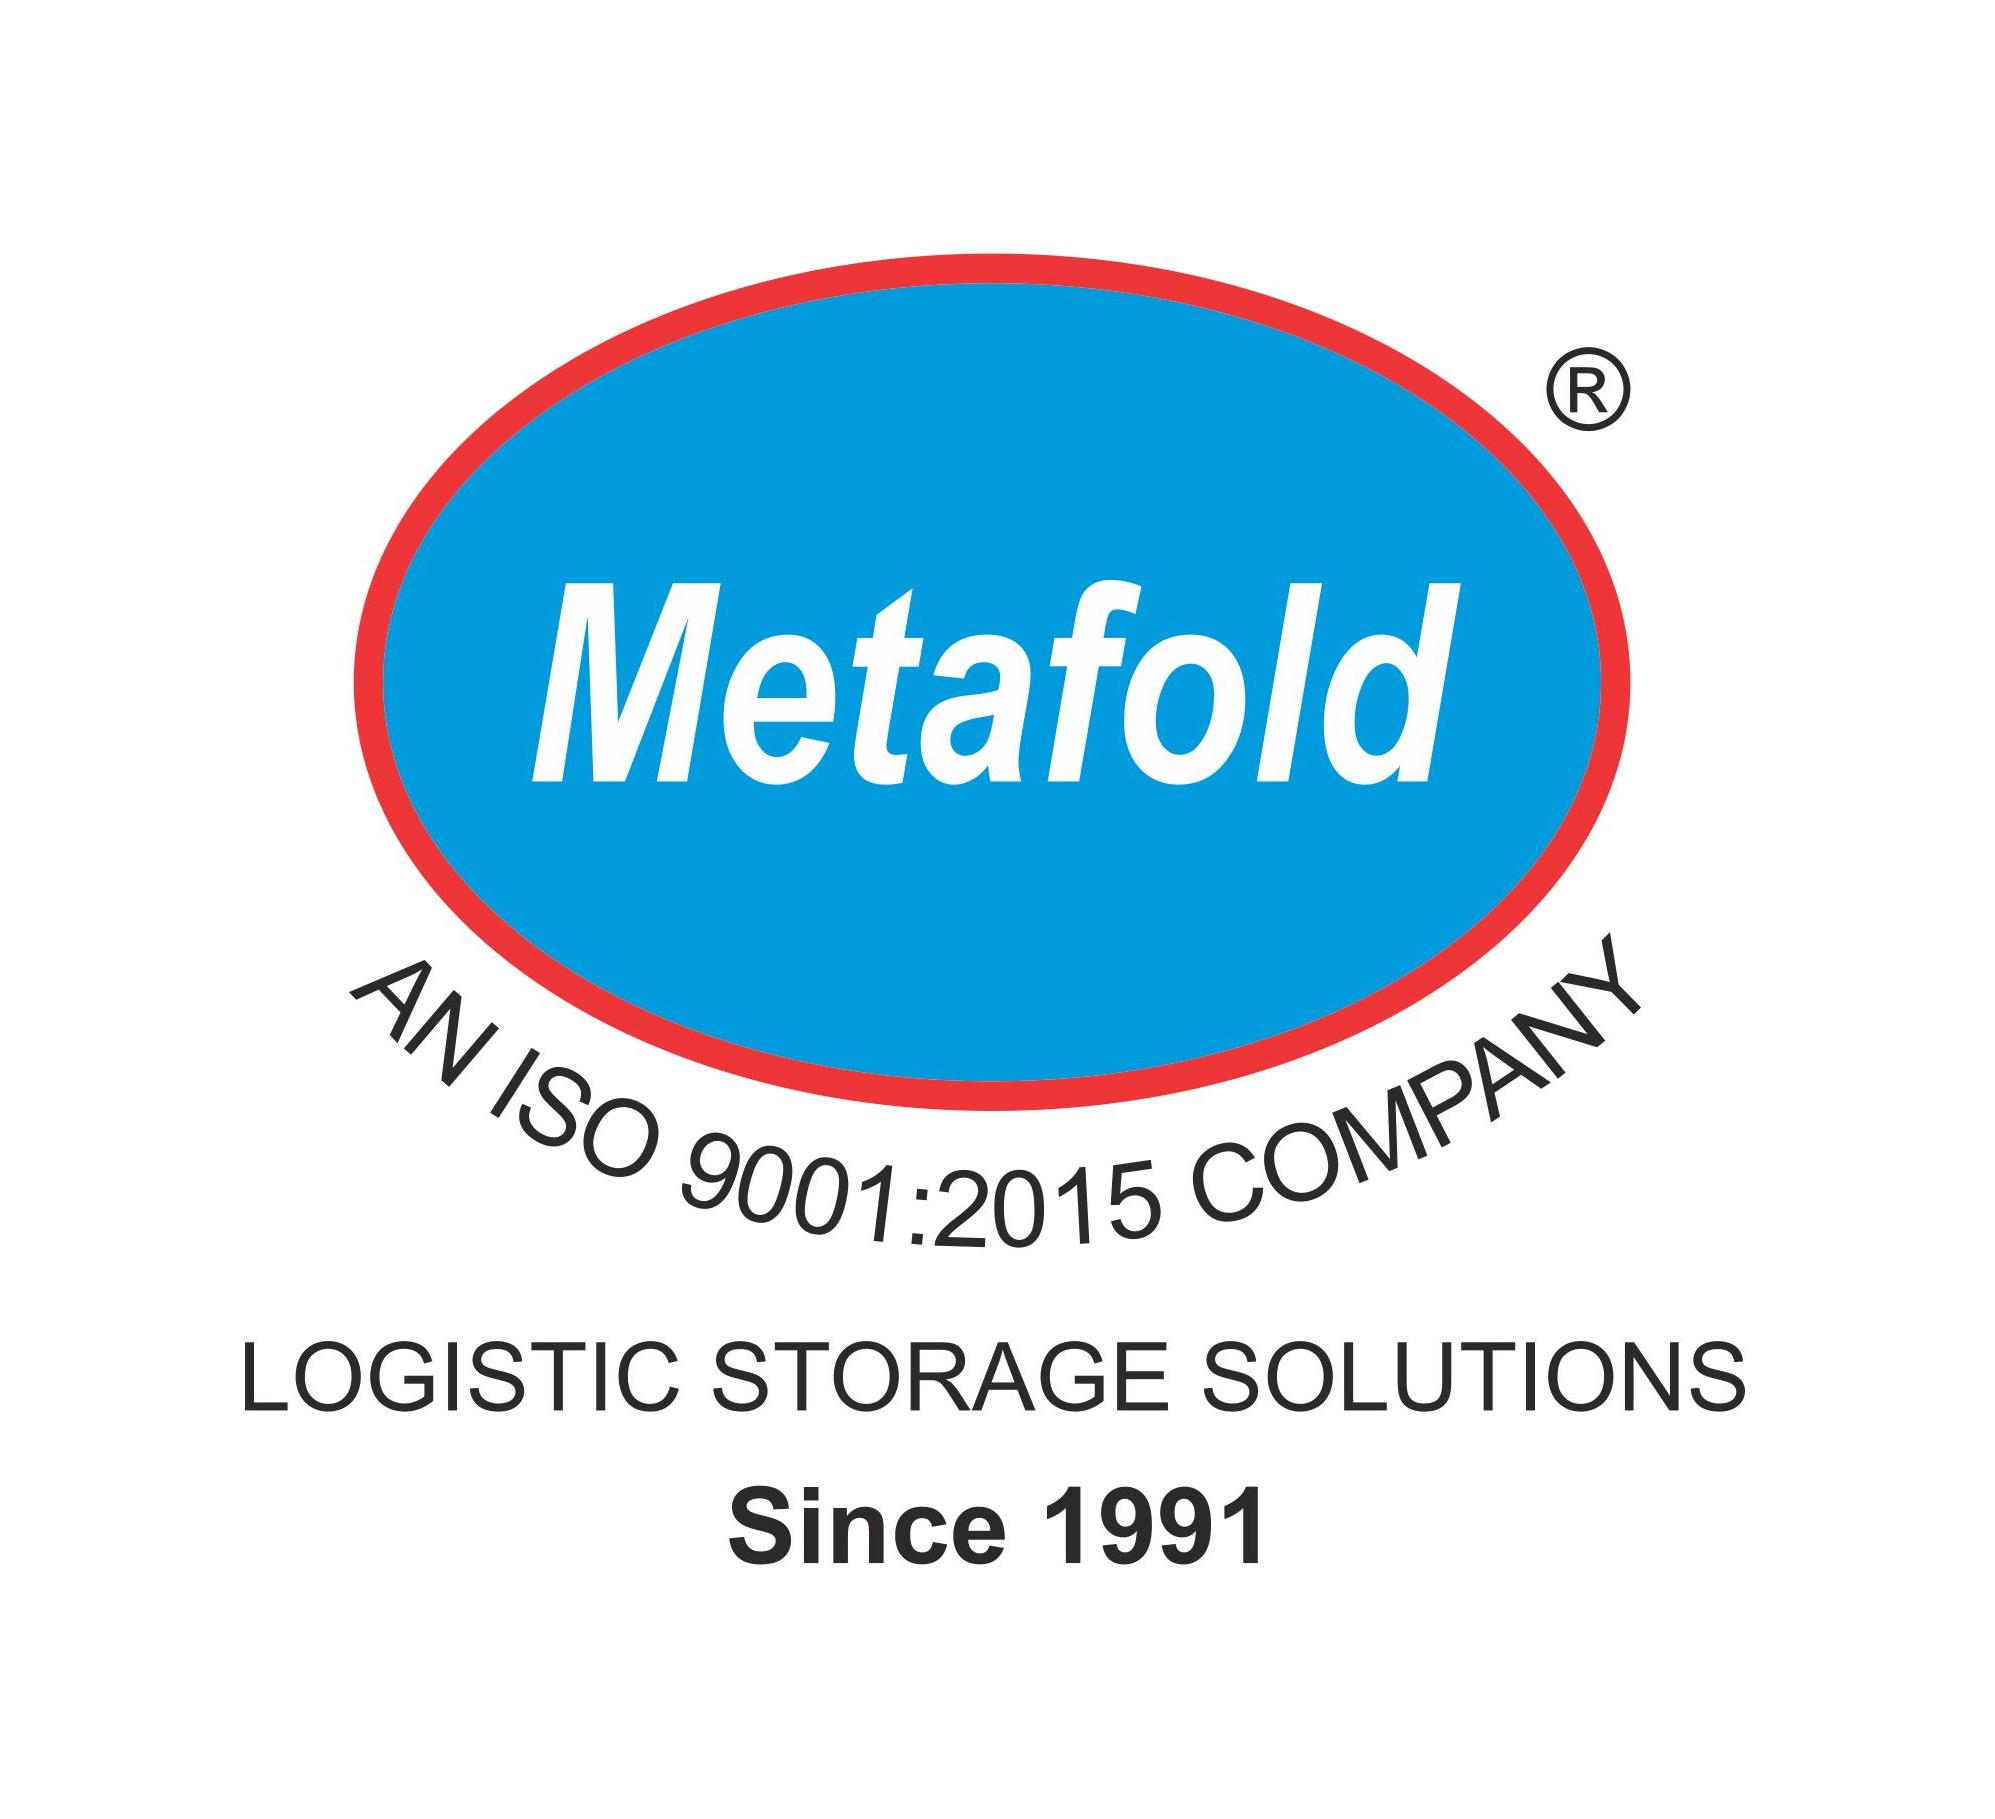 Metafold -